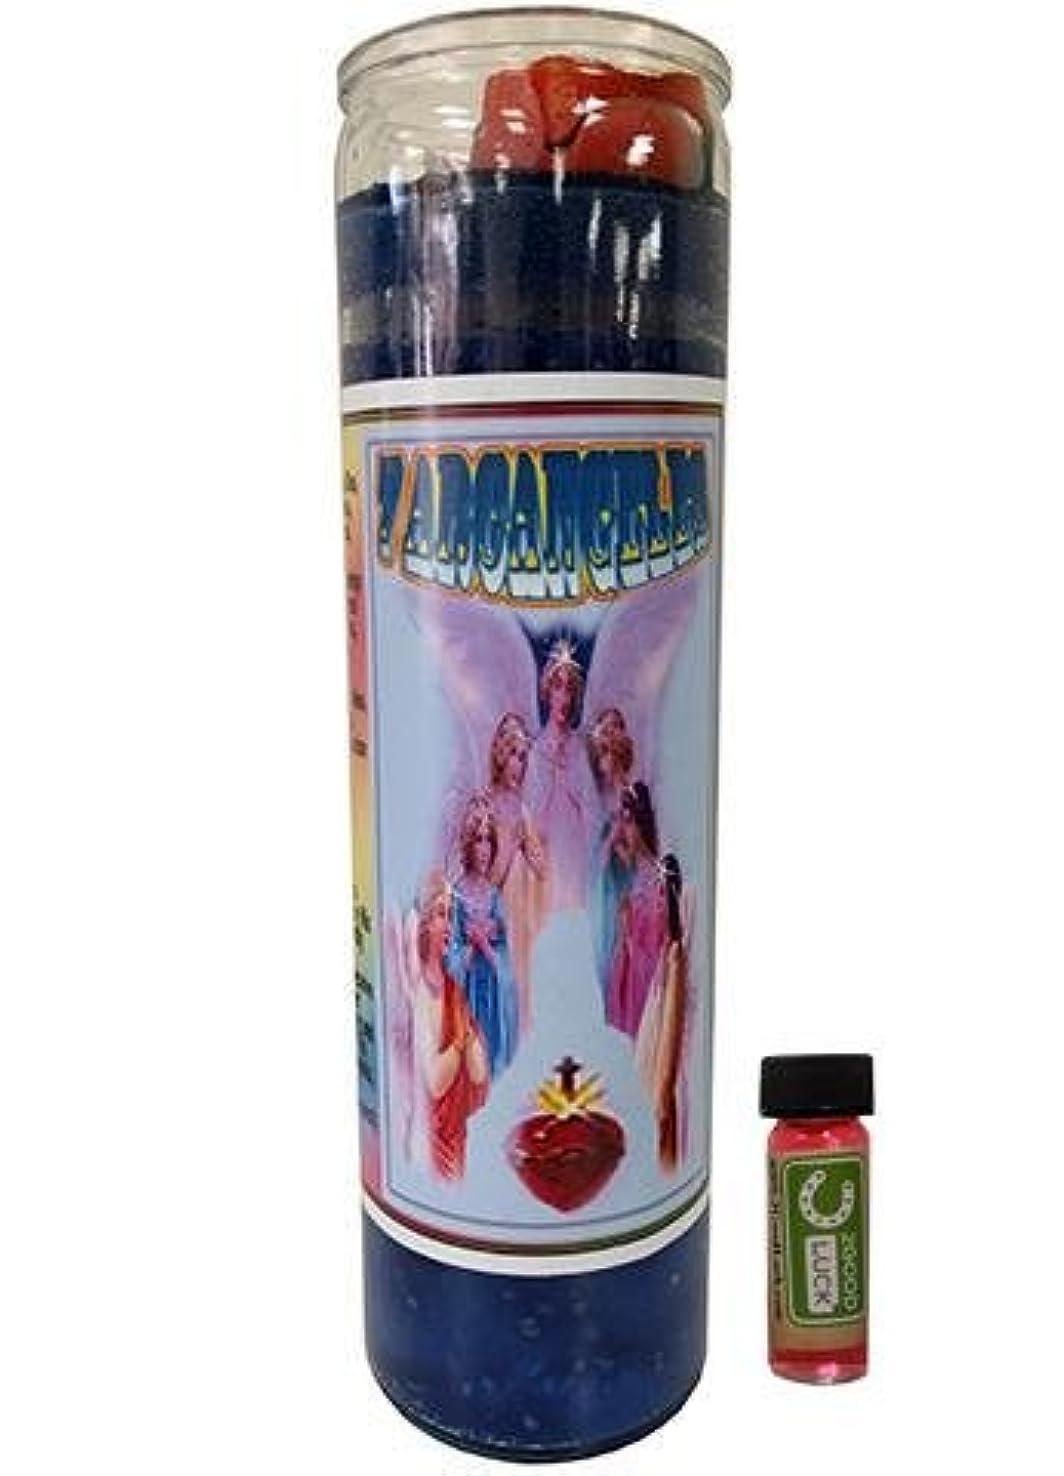 オデュッセウス乱雑なホステル7大天使Dressed Scented Candle – Veladora Preparada 7 Arcangeles